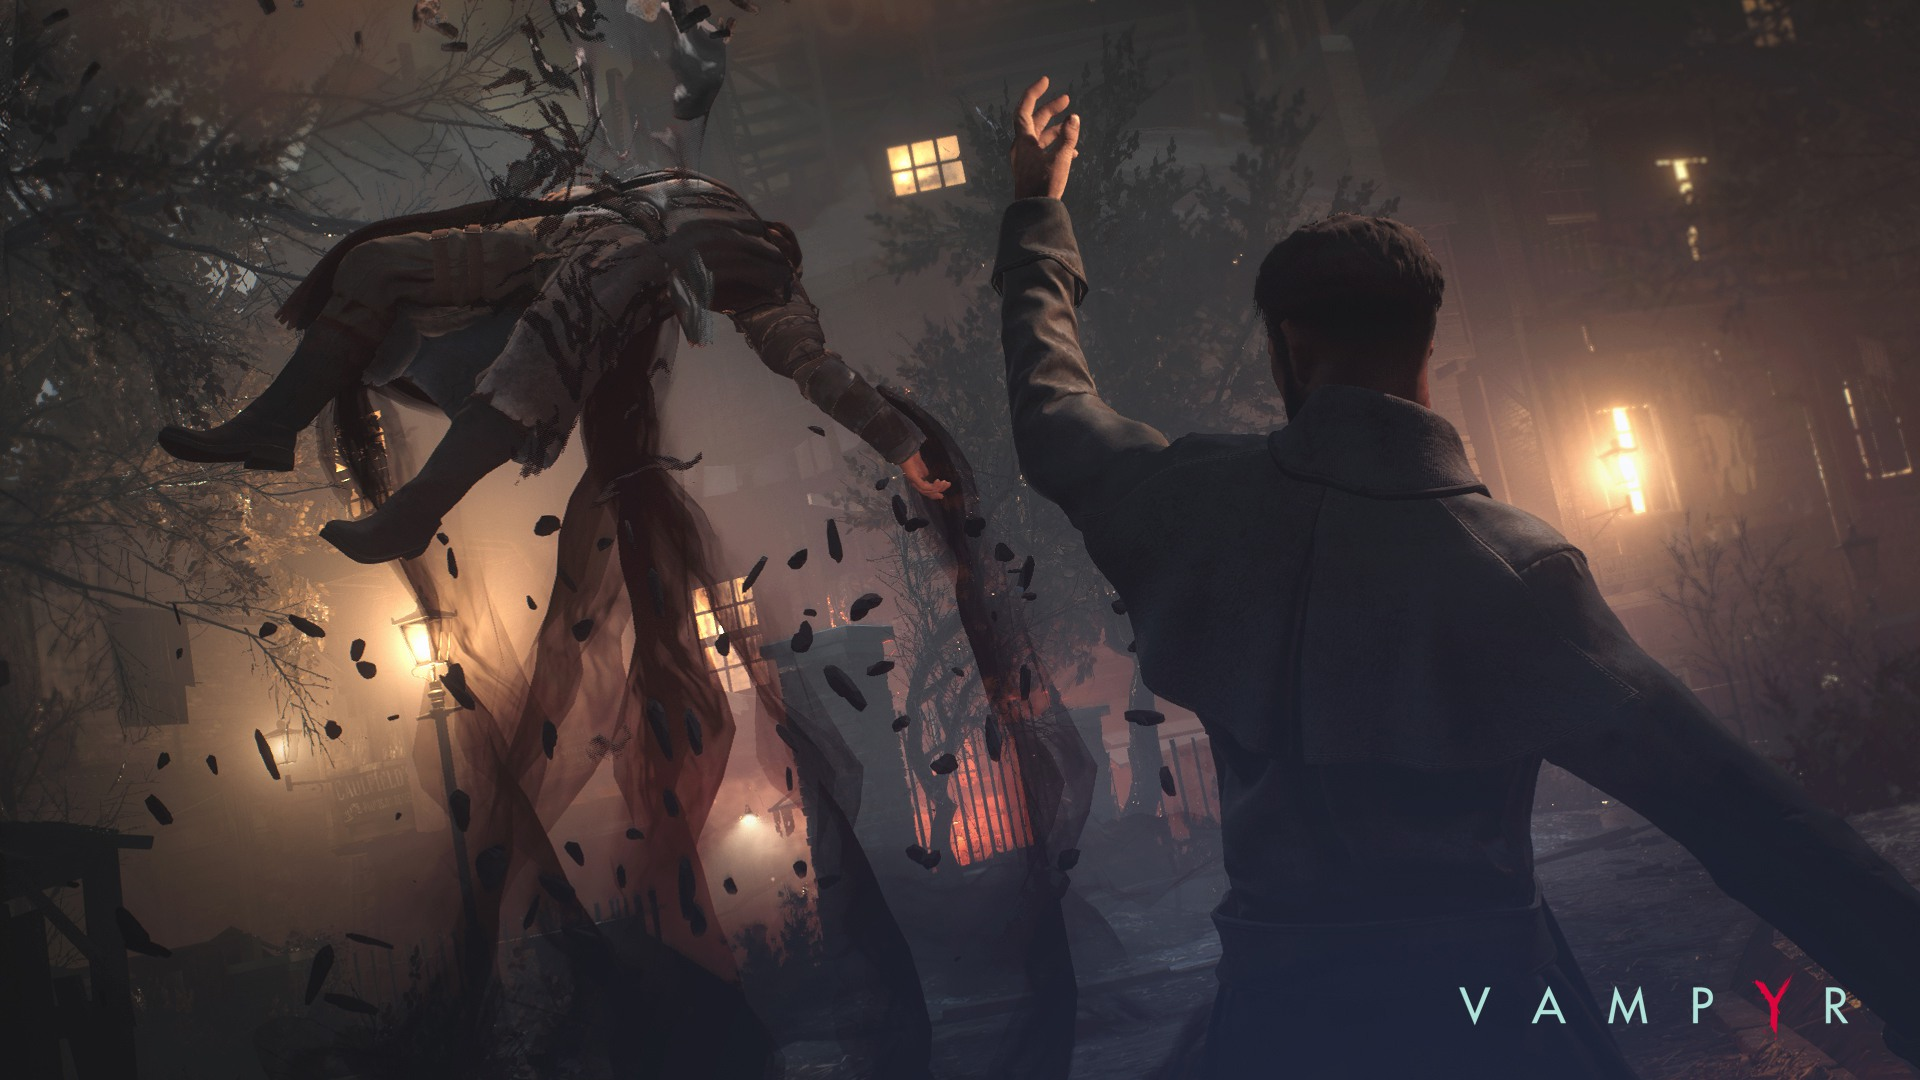 Vampyr от создателей Life is Strange была перенесена на 2018 год